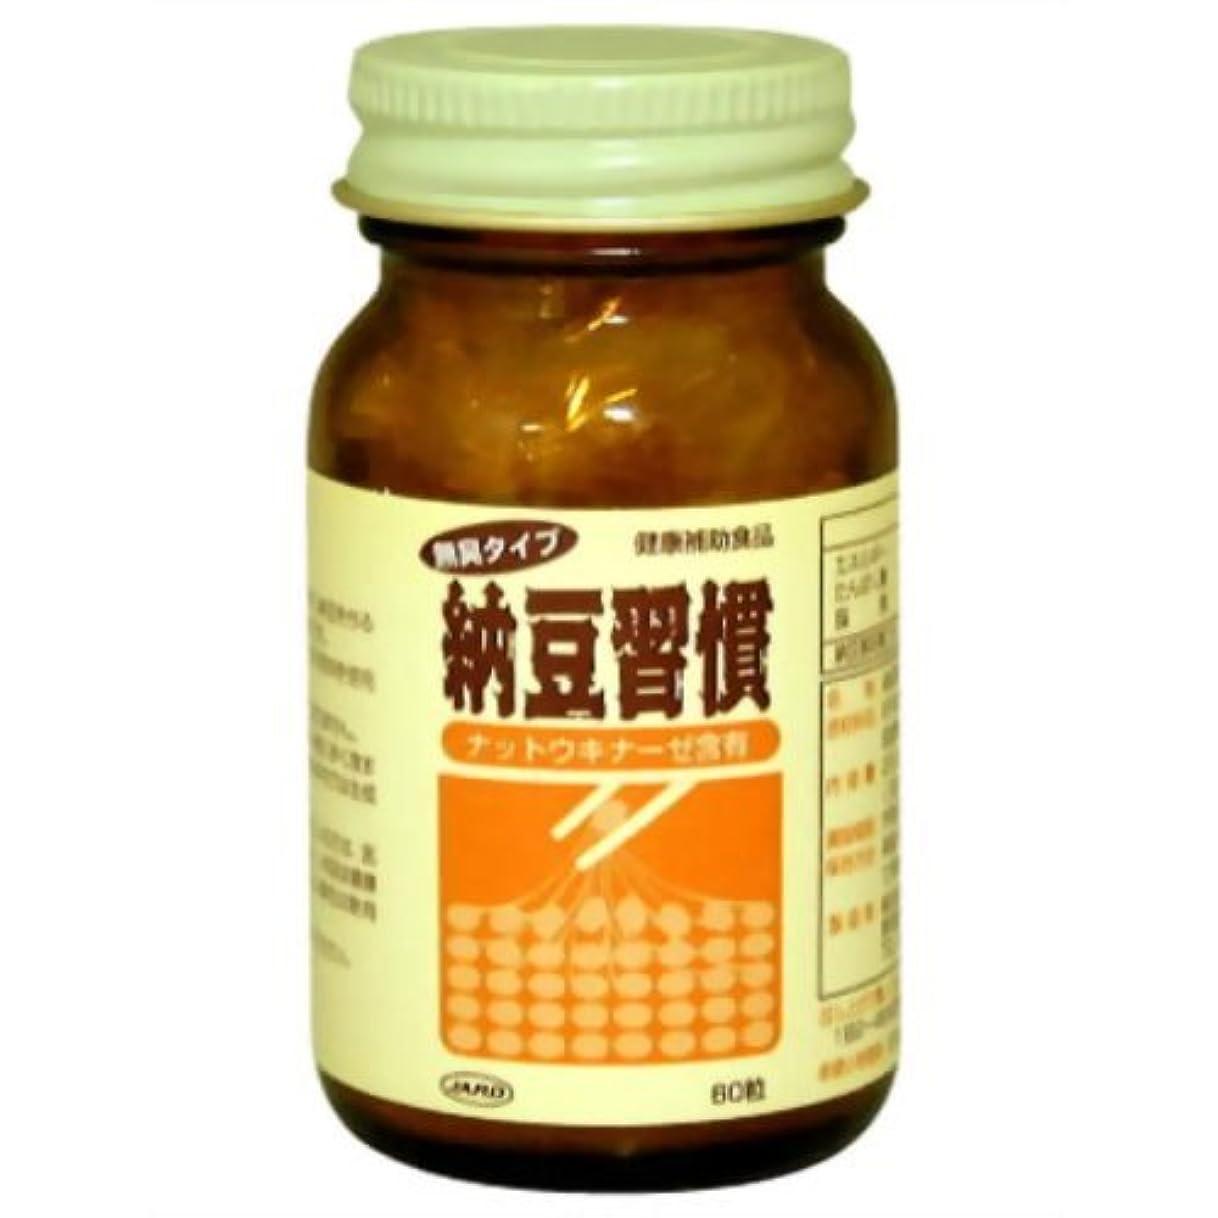 だます乏しい蛇行納豆習慣 ナットウキナーゼ含有